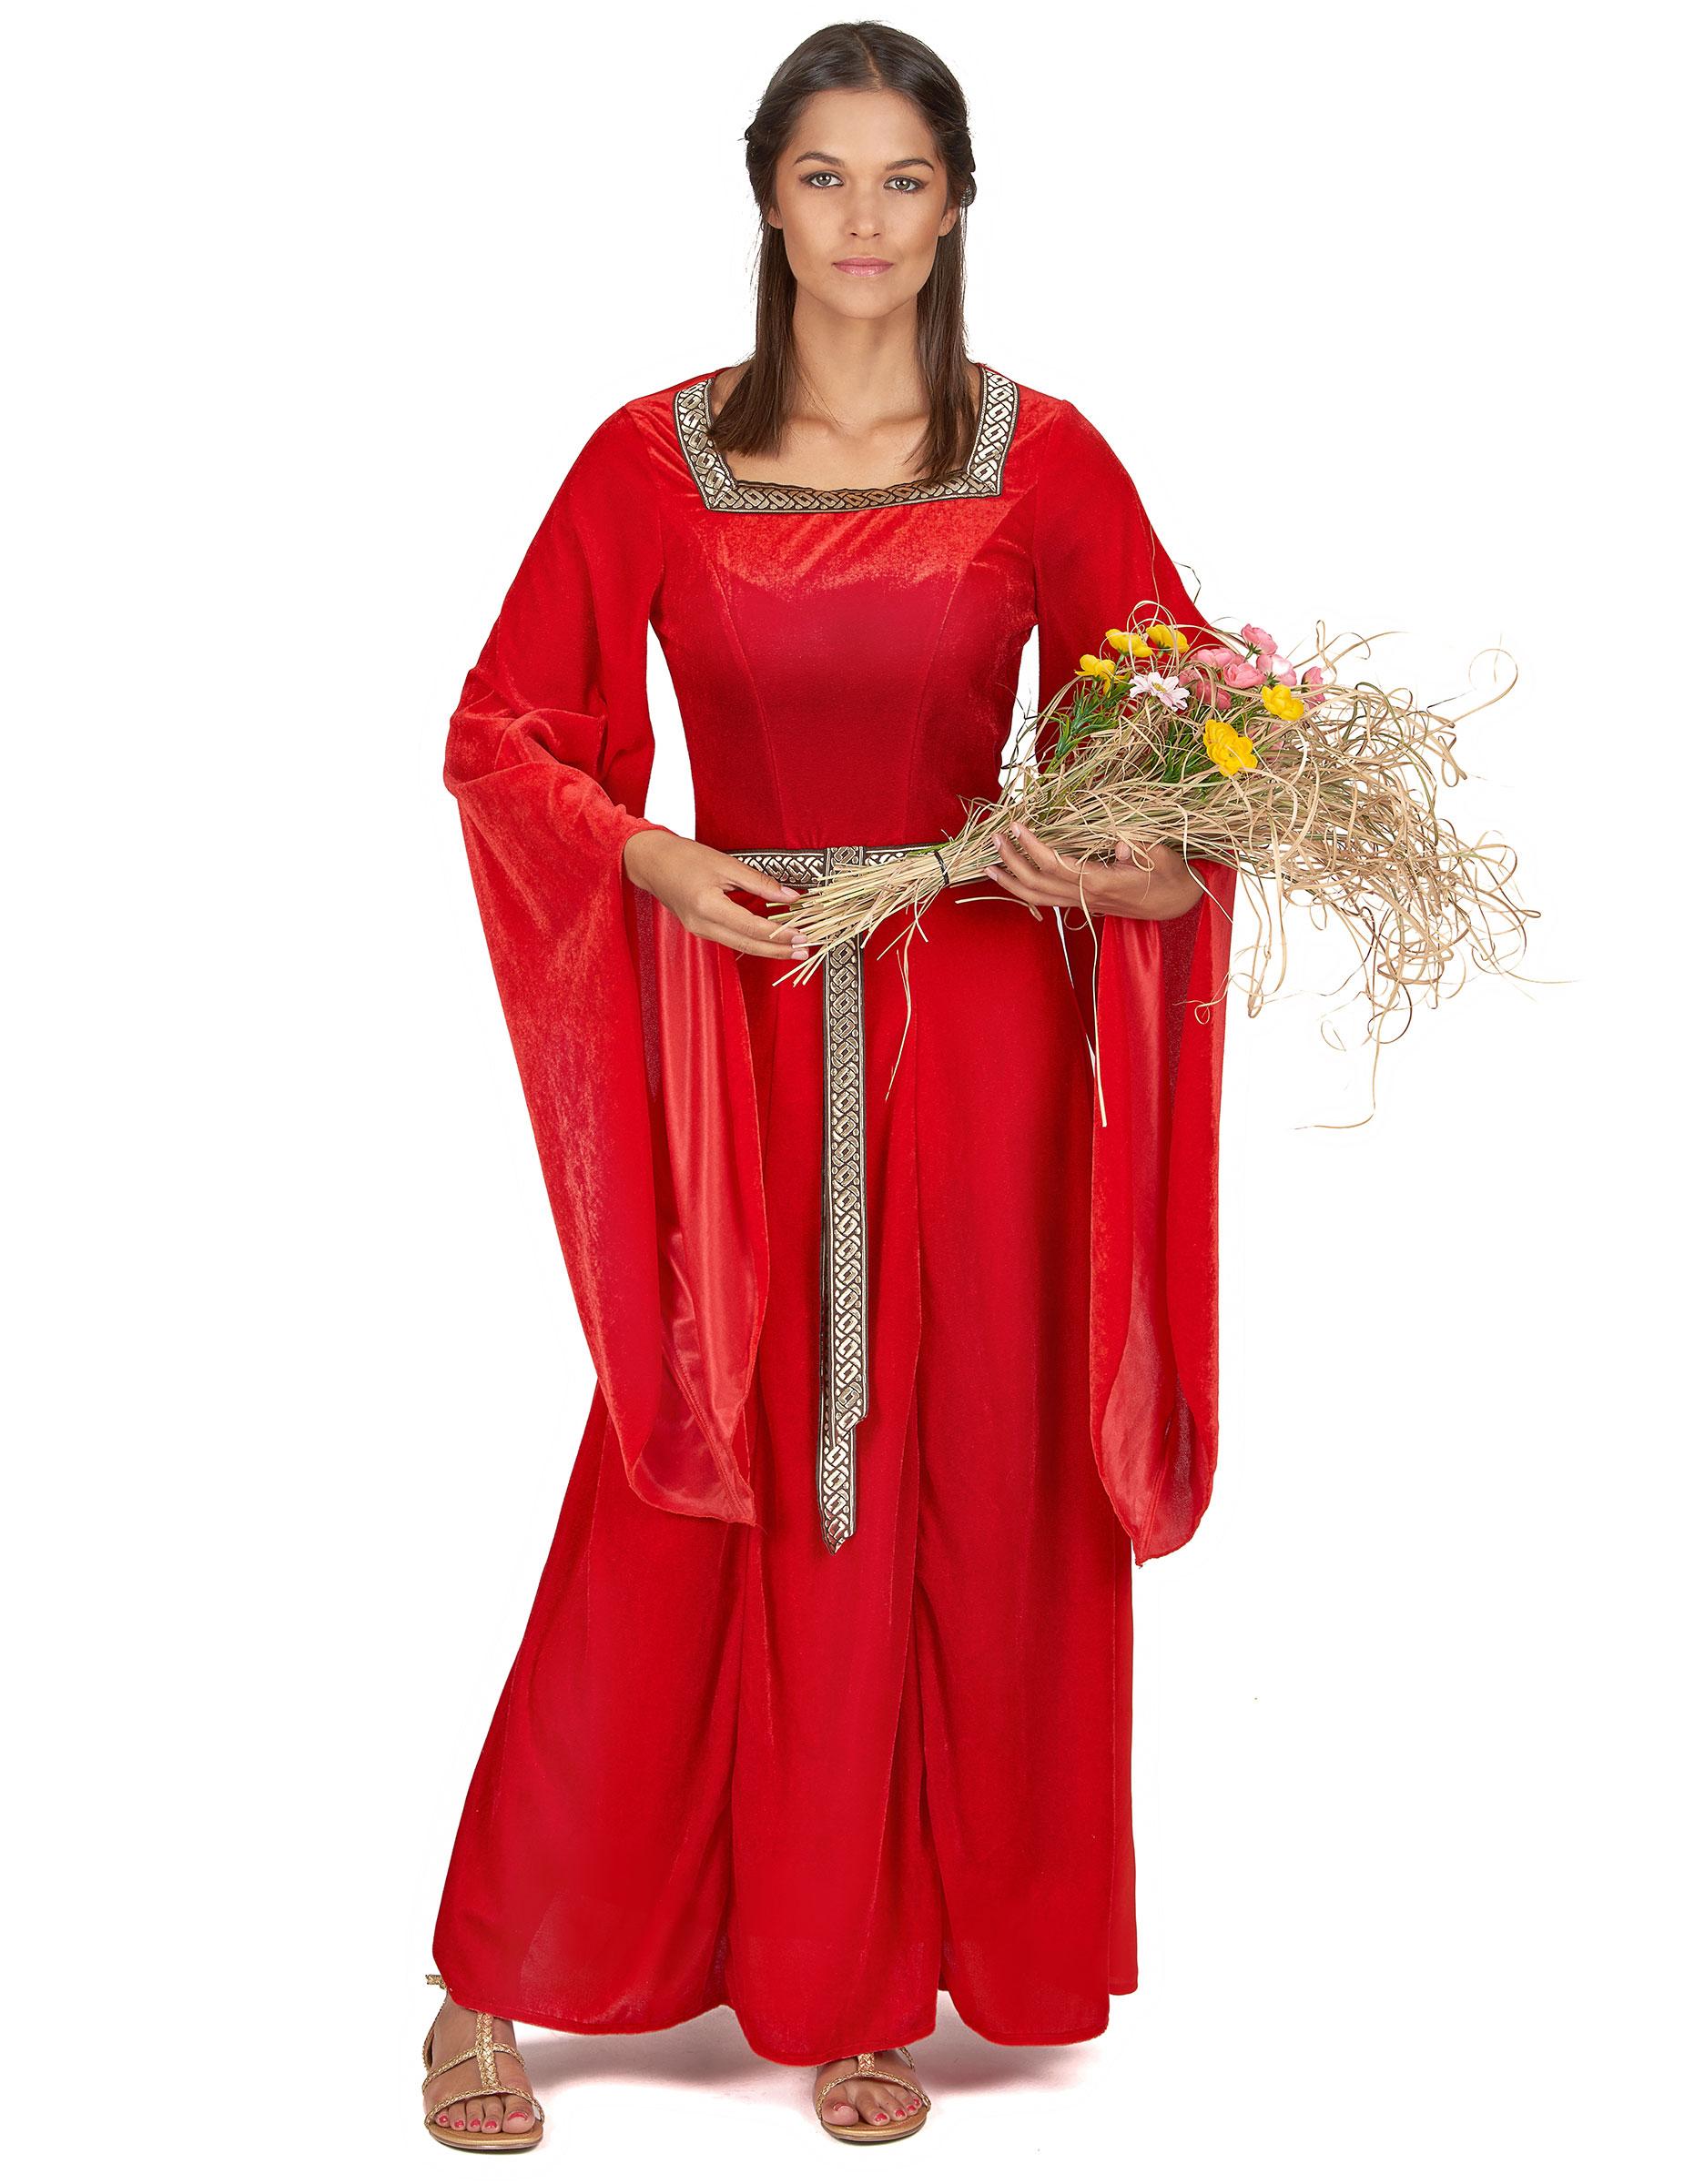 Disfraz mujer medieval disfraces adultos y disfraces - Trajes de carnaval de epoca ...